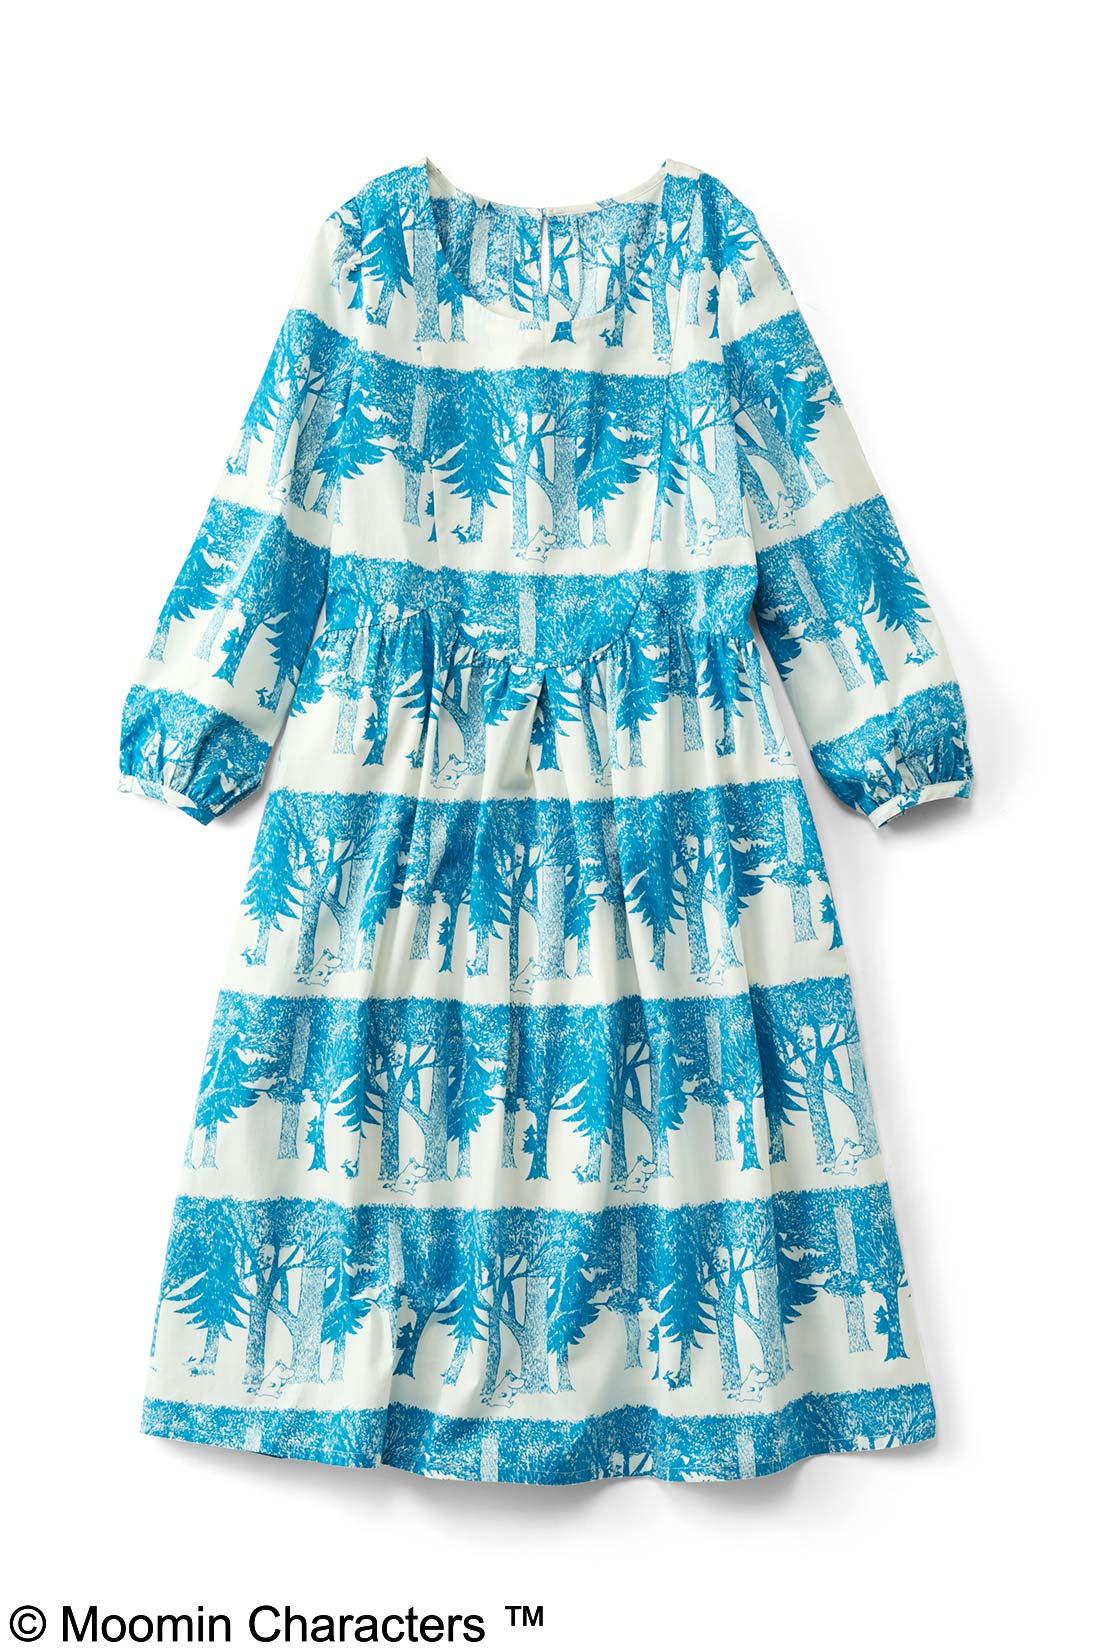 【オフホワイト×ブルー】ボーダーのように配置された木々が素敵でしょ。スカート部分には裏地付き。